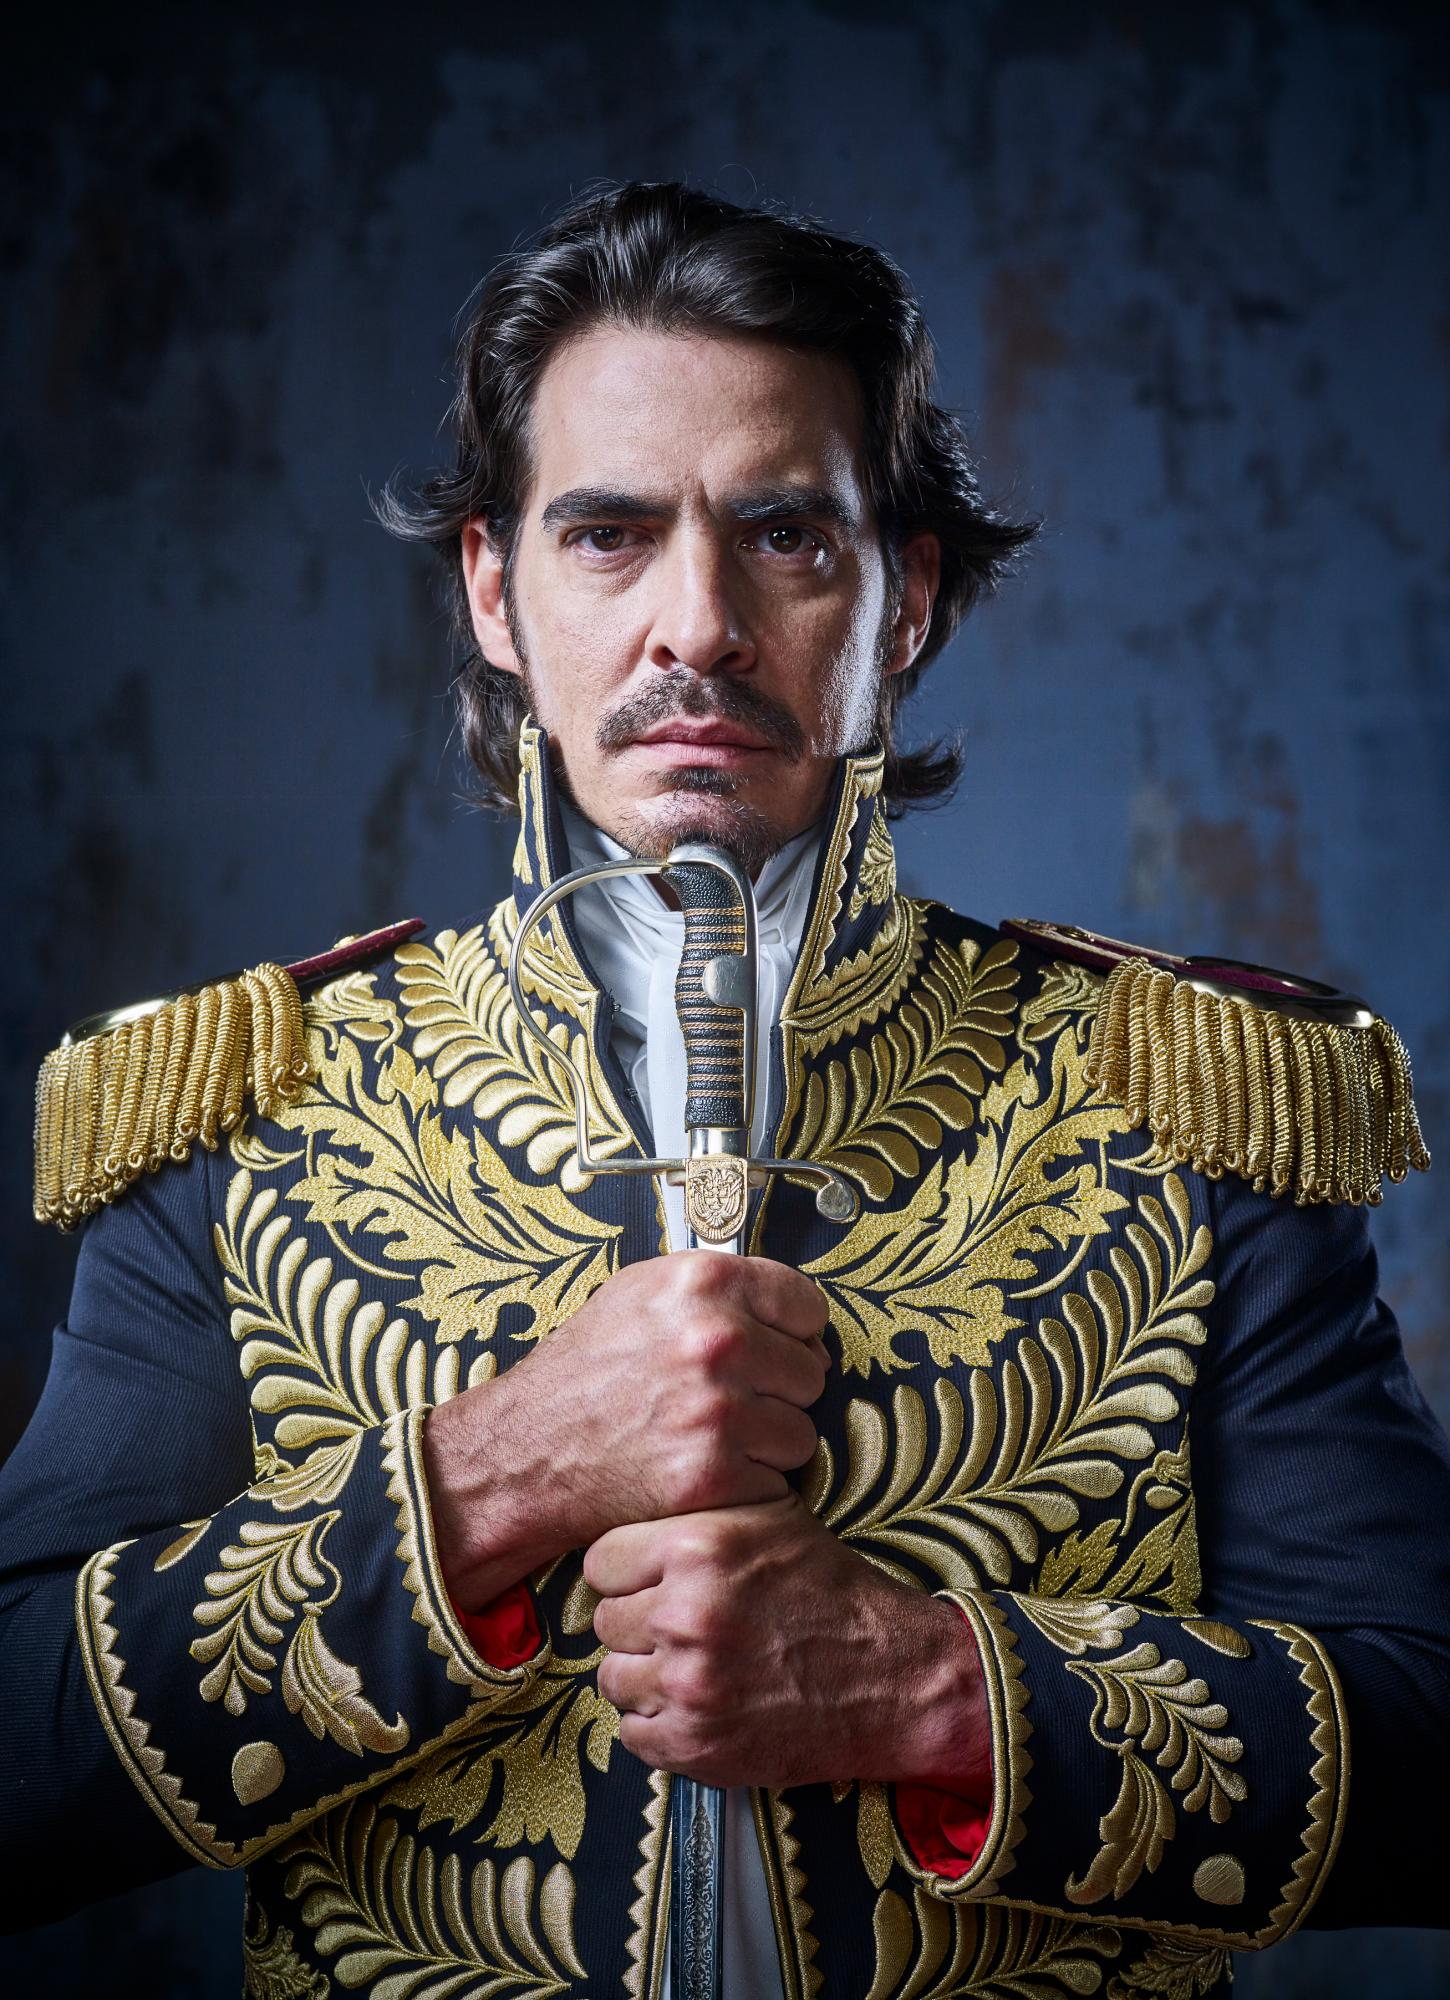 Luis Gerónimo Abreu es el actor venezolano que interpreta a Bolívar en su vida adulta.//Fotos cortesía Andrés Valbuena.